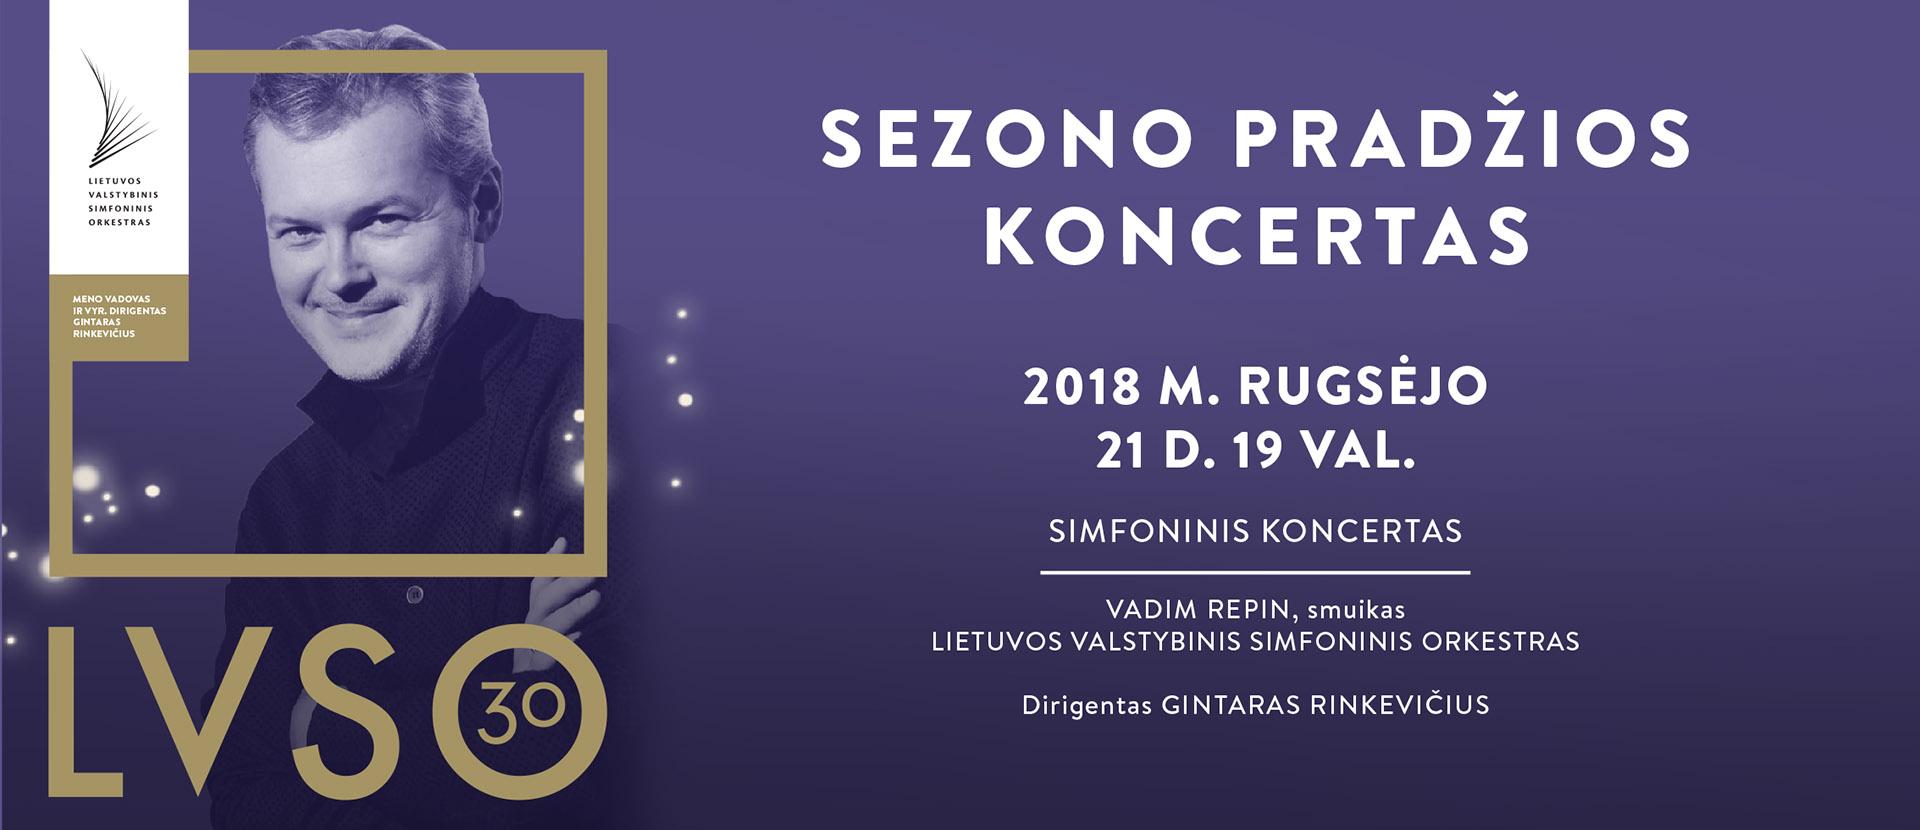 LVSO SEZONO PRADŽIOS KONCERTAS